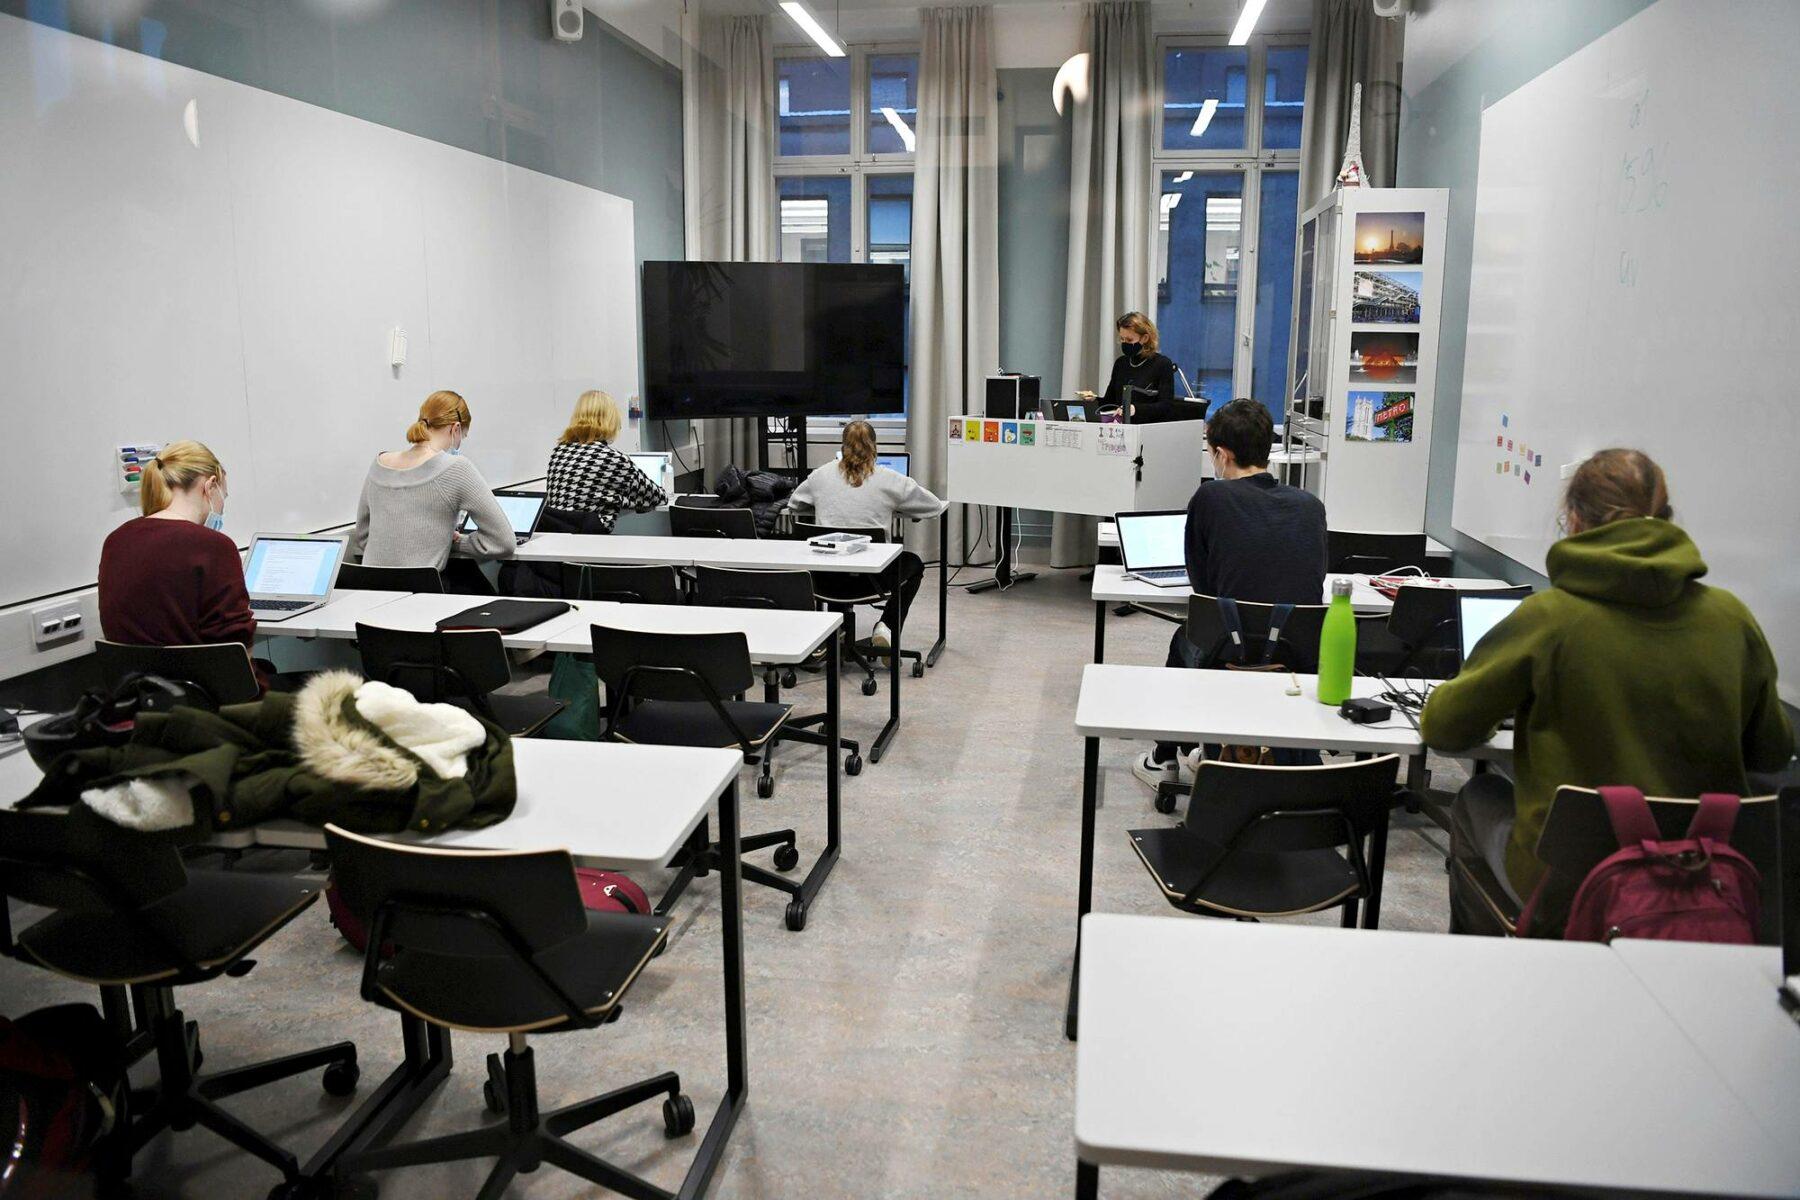 Lukiolaiset oppitunnilla Ressun lukiossa Helsingissä marraskuussa 2020.